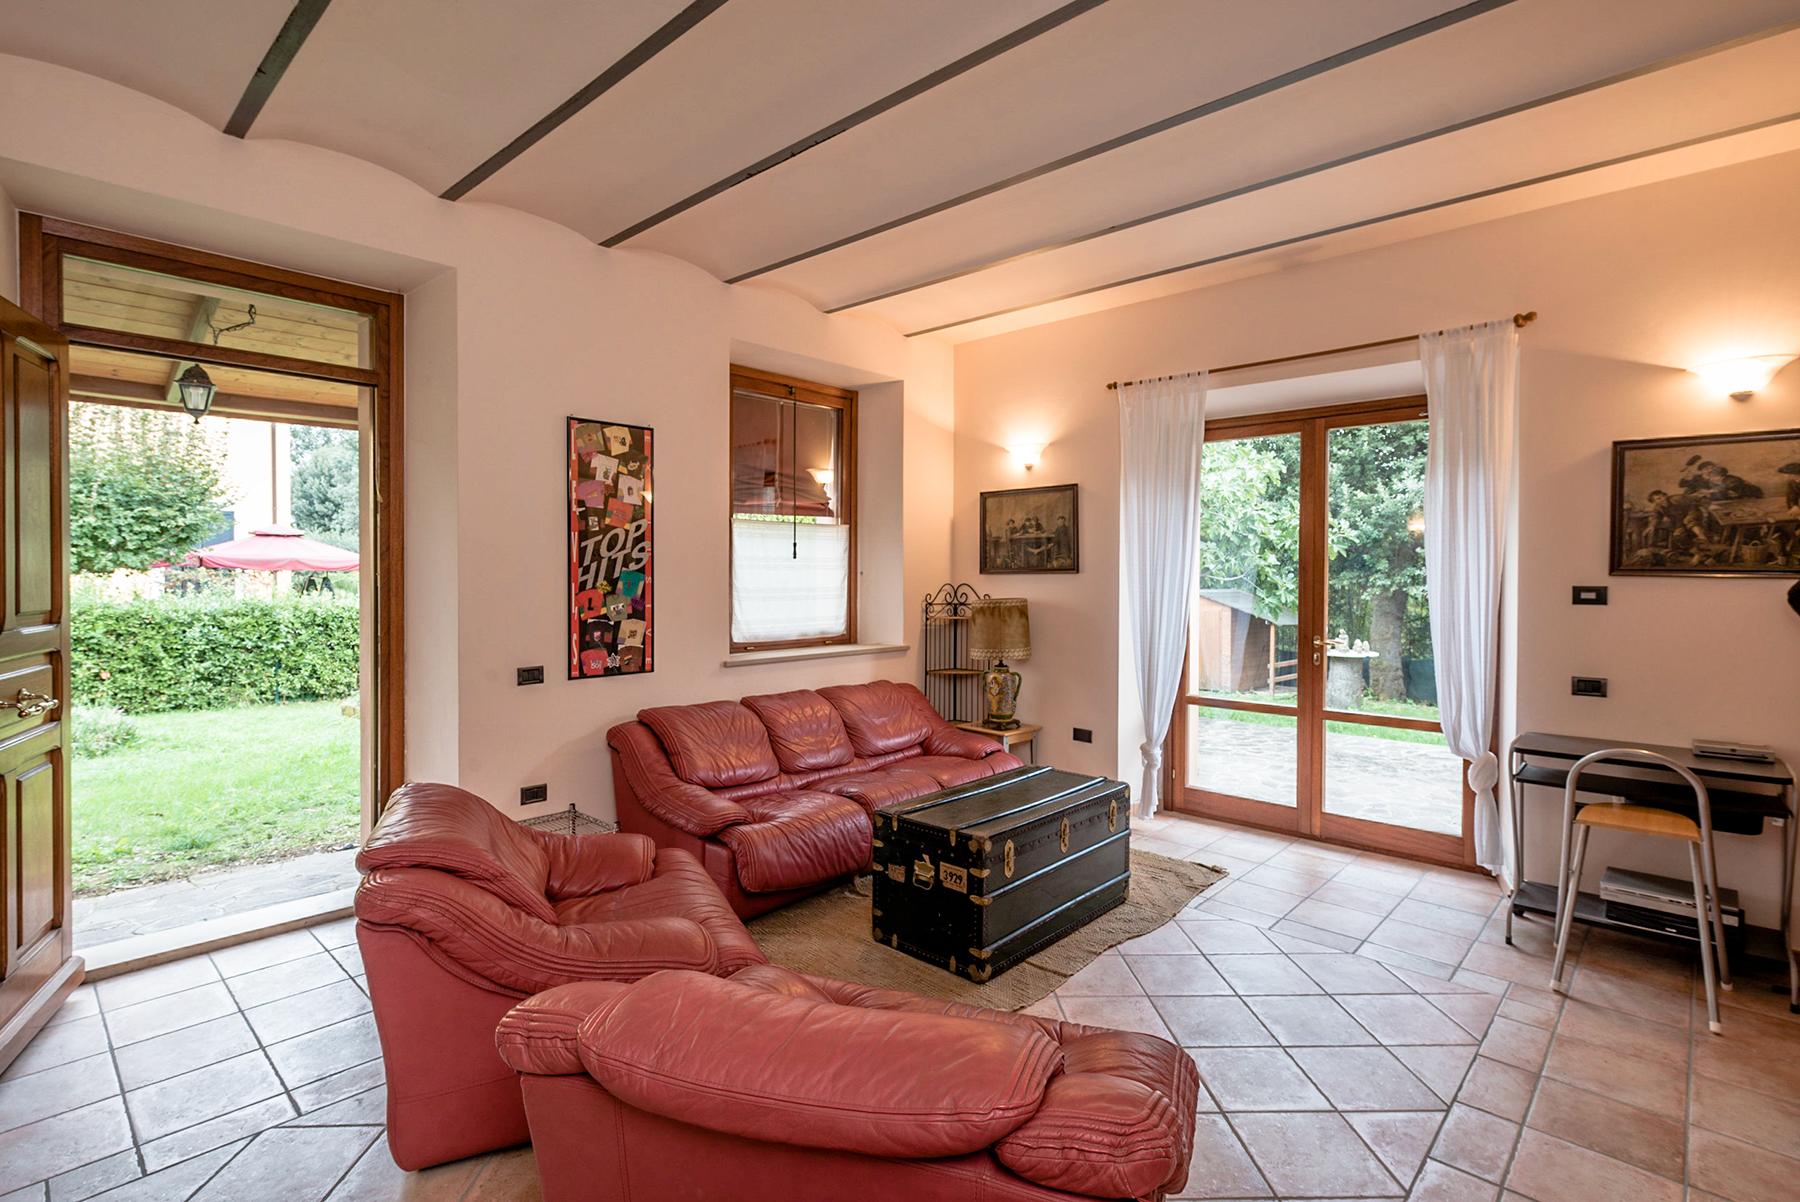 Villa in Vendita a Mondolfo: 5 locali, 240 mq - Foto 1